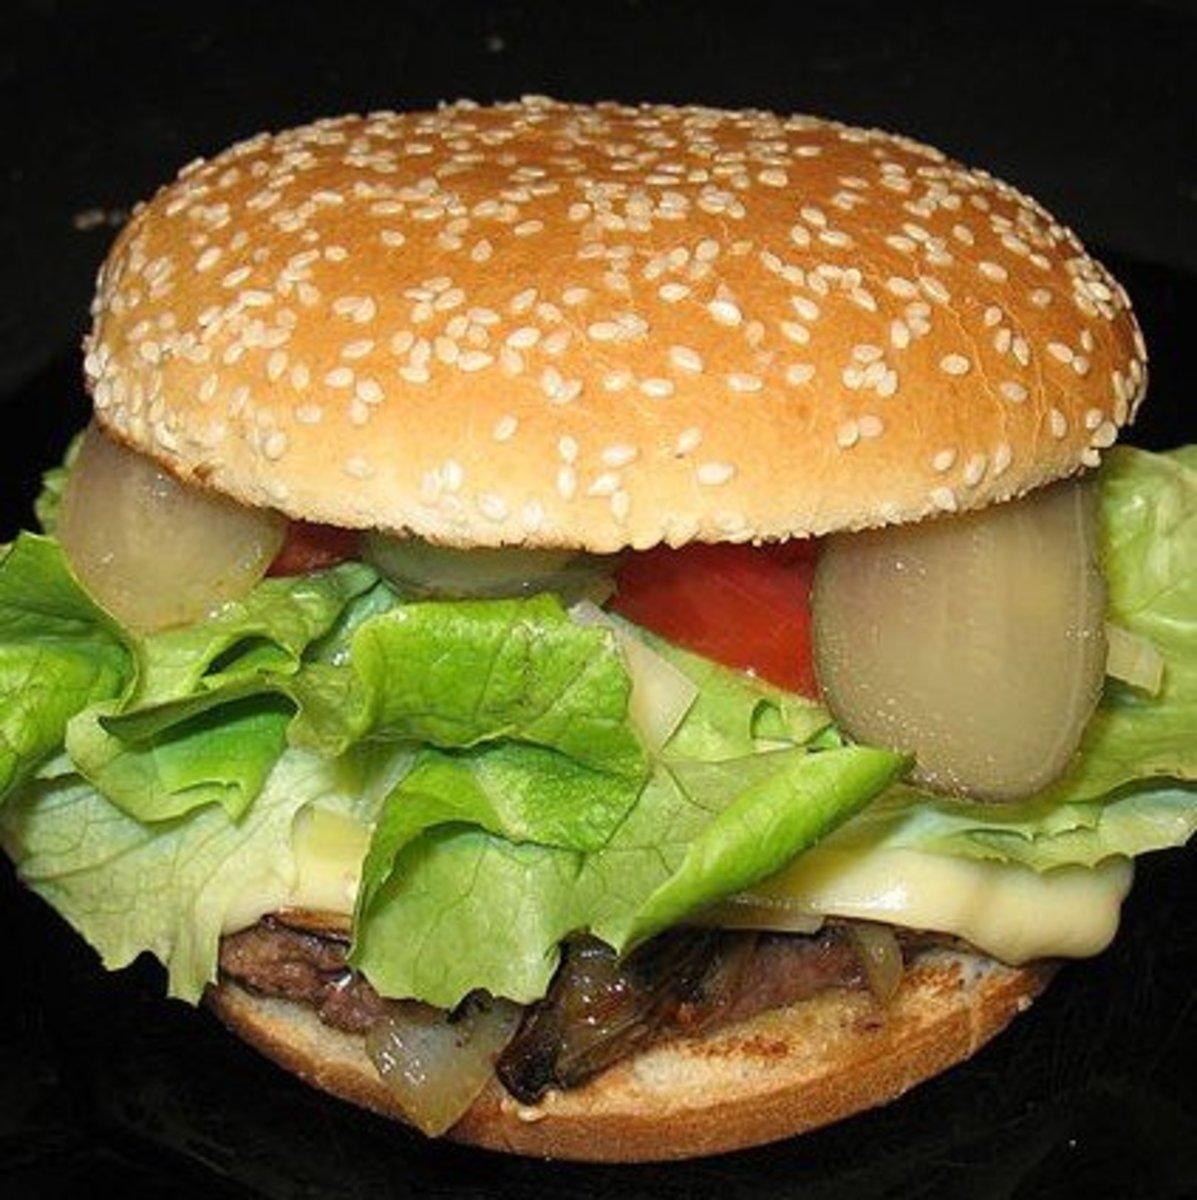 How to Pan Fry a Burger